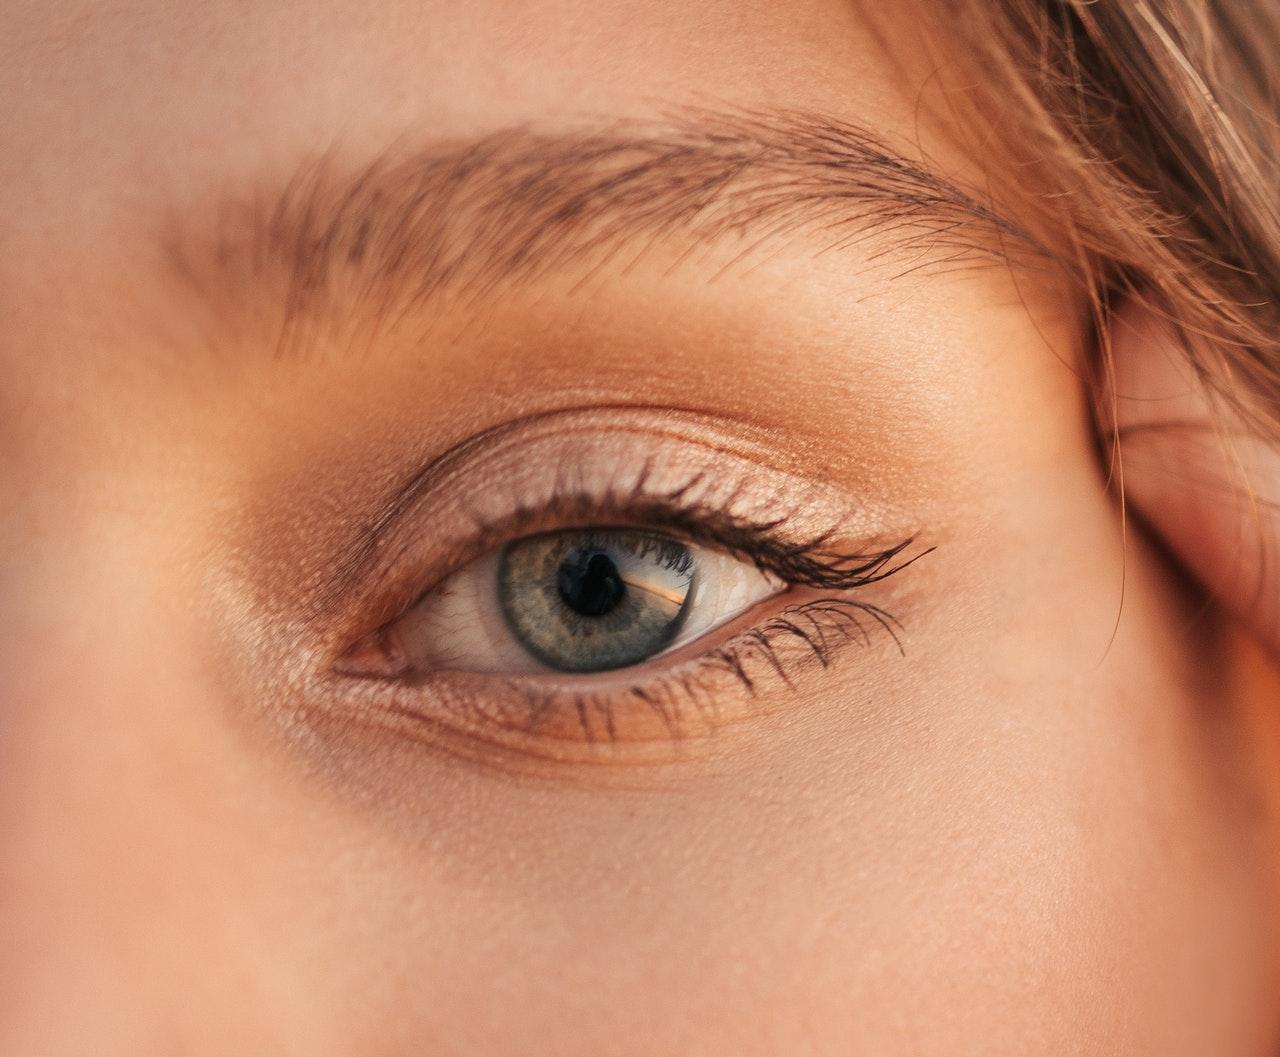 deepfake e o reflexo nos olhos